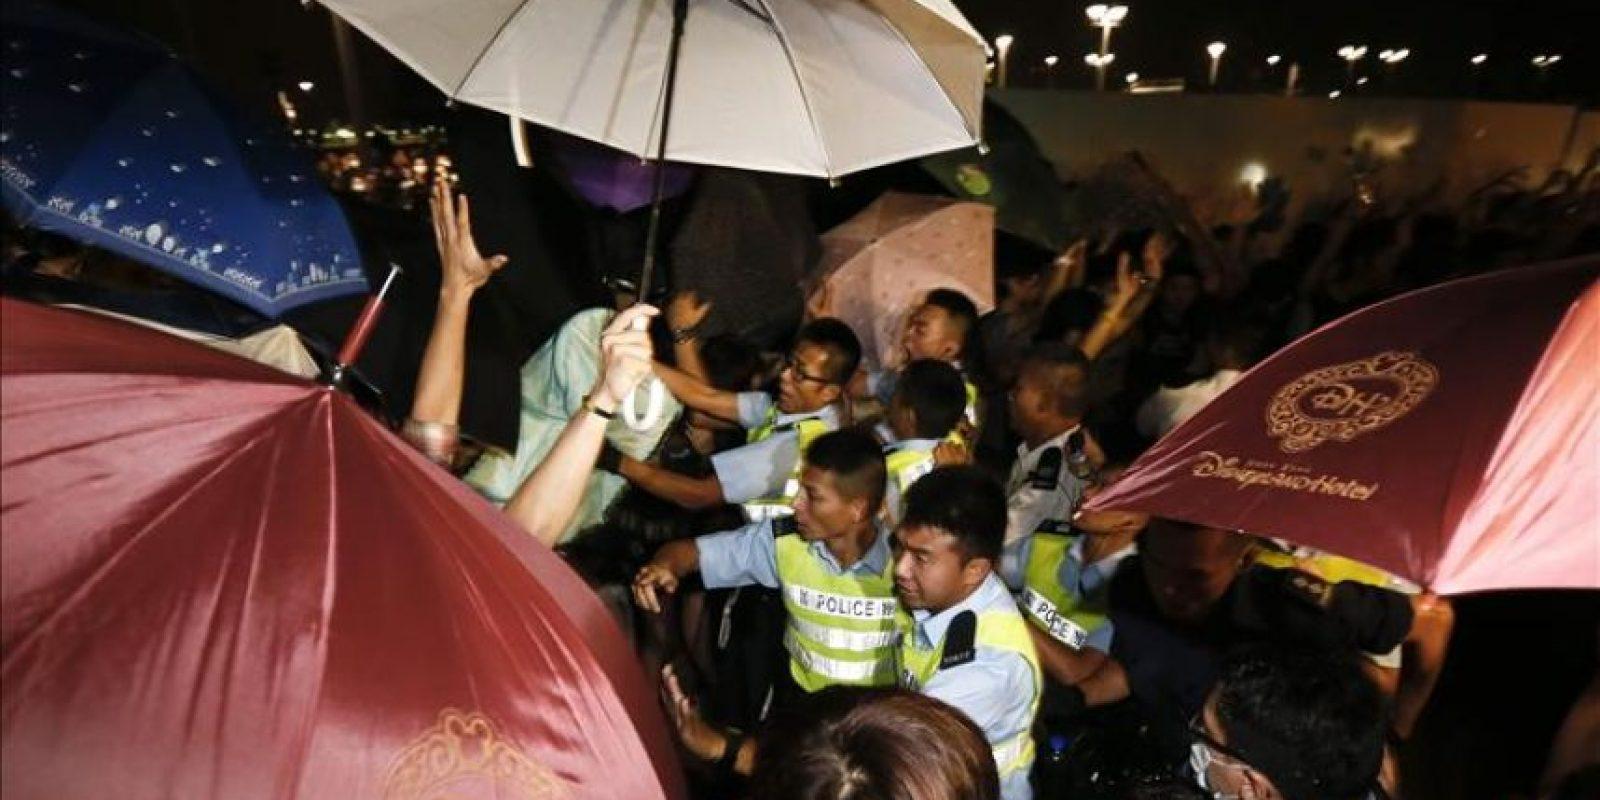 Policías de Hong Kong (c) intentan hacer retroceder a manifestantes del movimiento Occupy Central, quienes bloquean el acceso al Distrito Admiralty de Hong Kong (China) este jueves, en su decimoctavo día de protestas. EFE